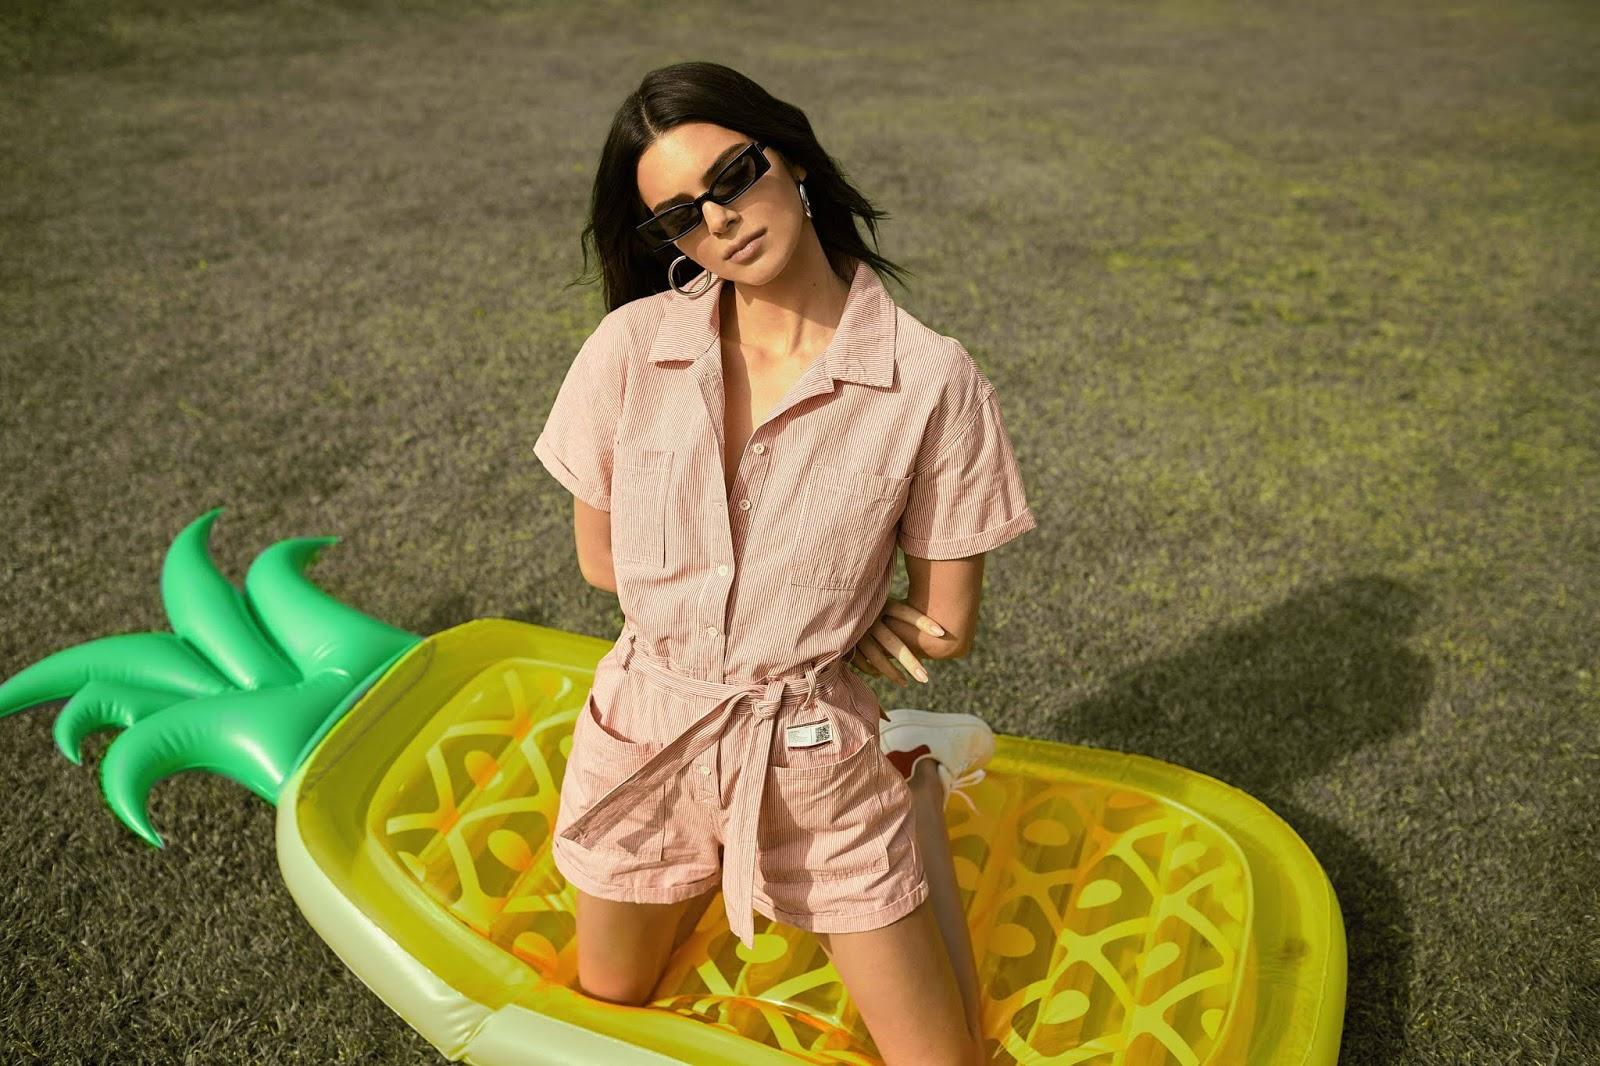 Kendall Jenner - Penshoppe Spring/Summer 2019